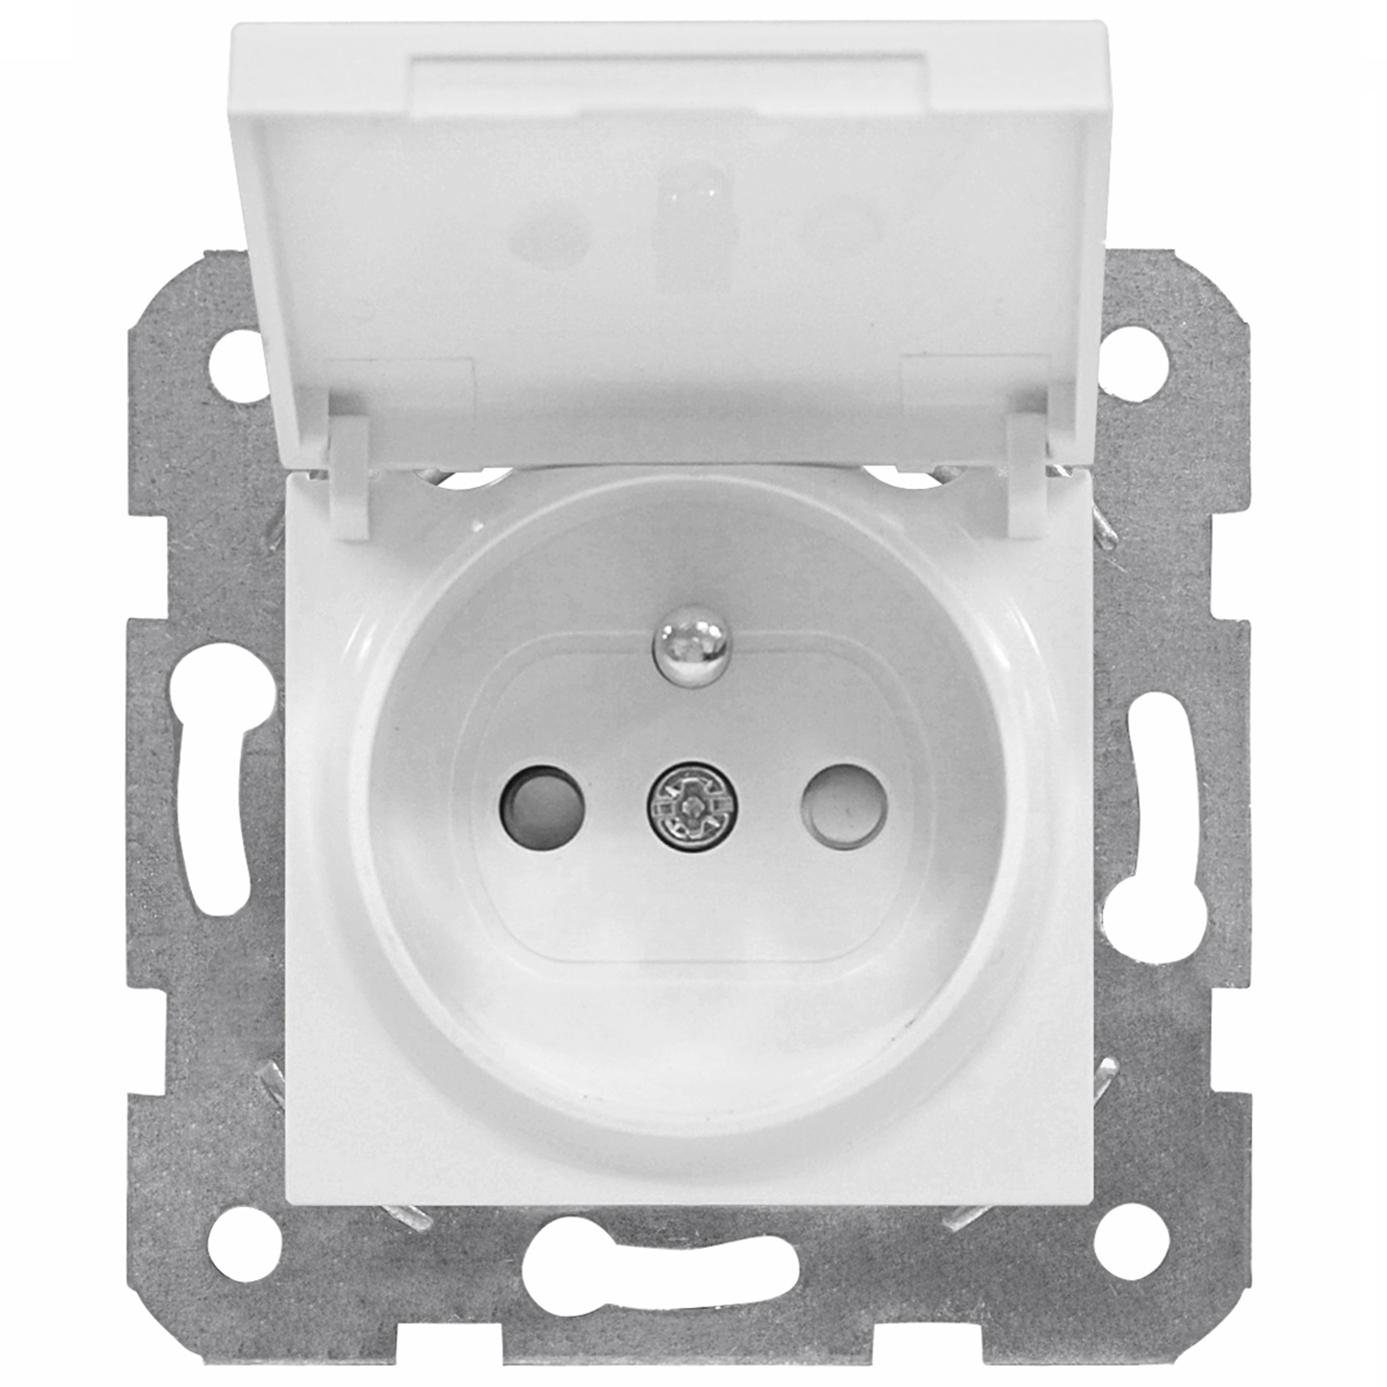 1 Stk Steckdose Erdstift, erhöhter Berührungsschutz, Klappdeckel EV101053--